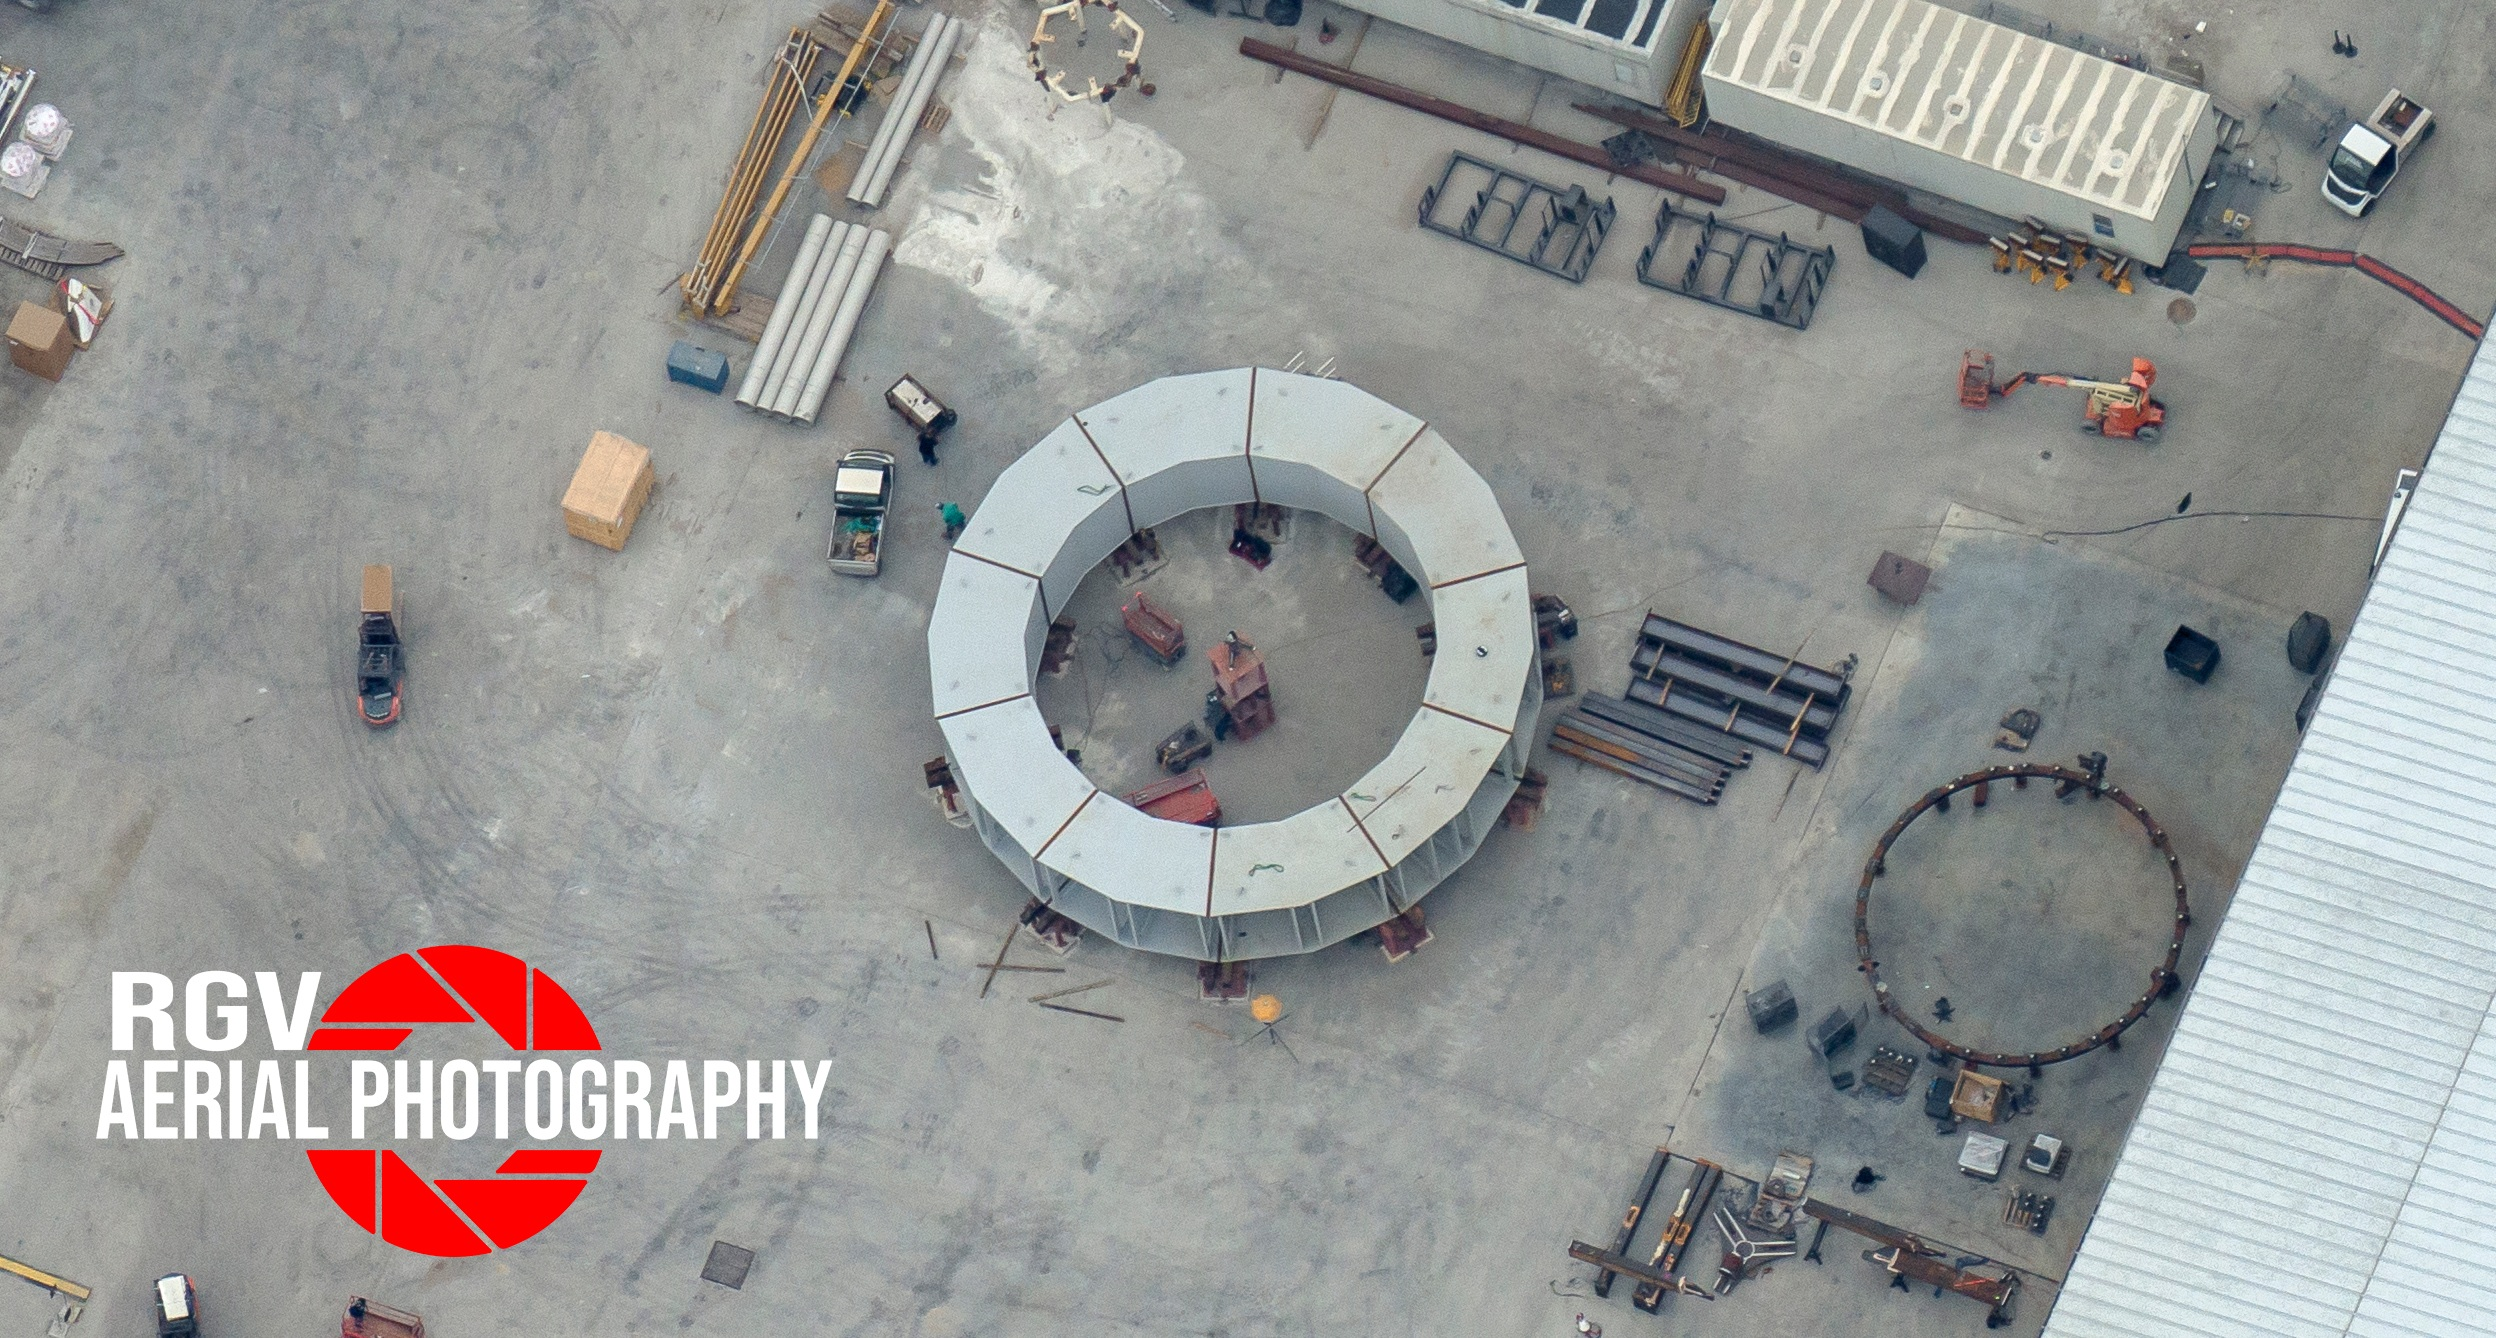 Anello del pad per i lanci orbitali. Credits: RGVAerialPhotograpy